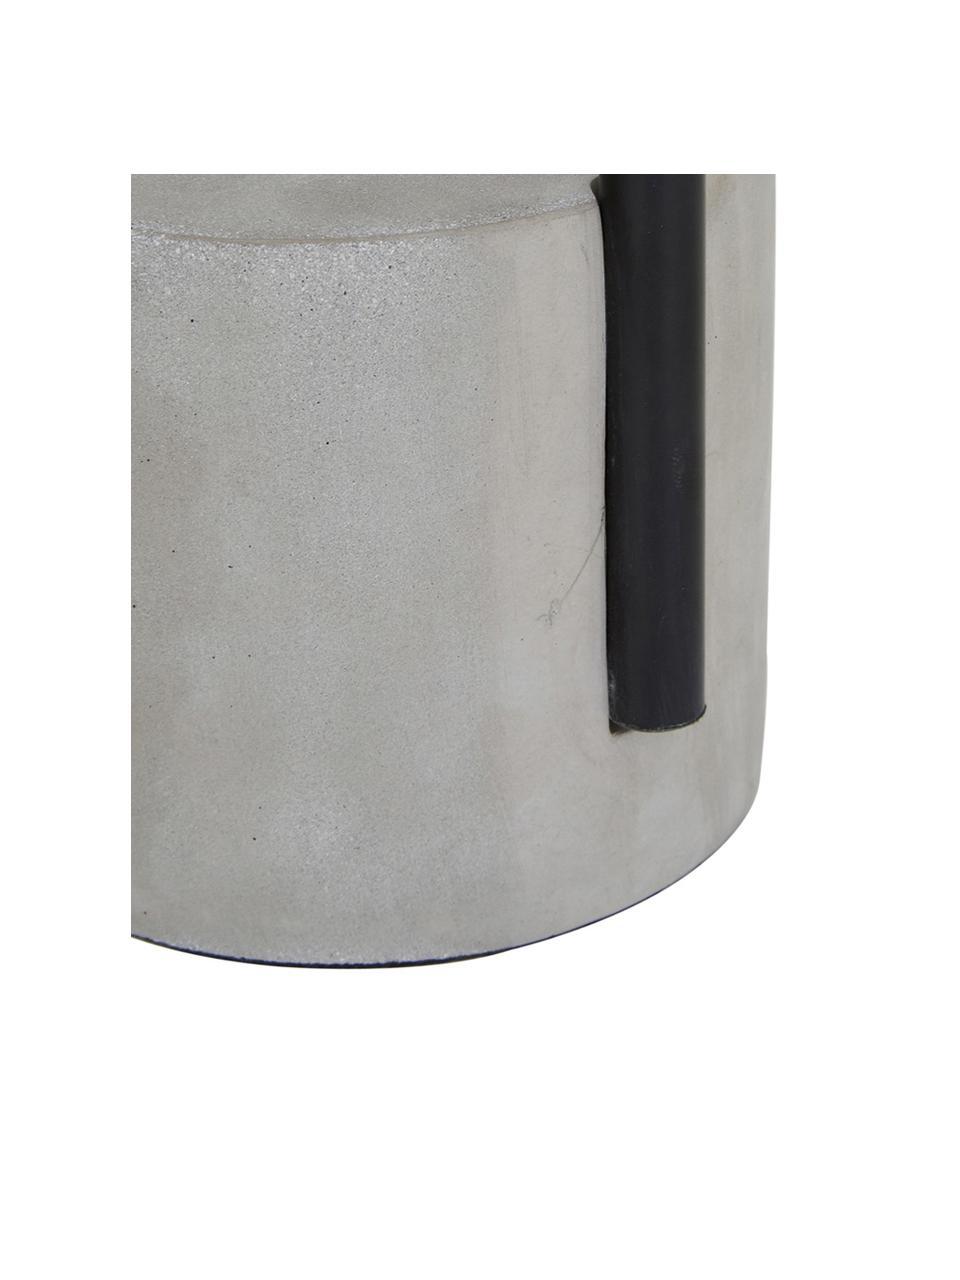 Grote tafellamp Pipero met betonnen voet, Lampenkap: textiel, Lampvoet: gepoedercoat metaal, beto, Lampenkap: zwart. Lampvoet: mat zwart, grijs. Snoer: zwart, Ø 28 x H 51 cm